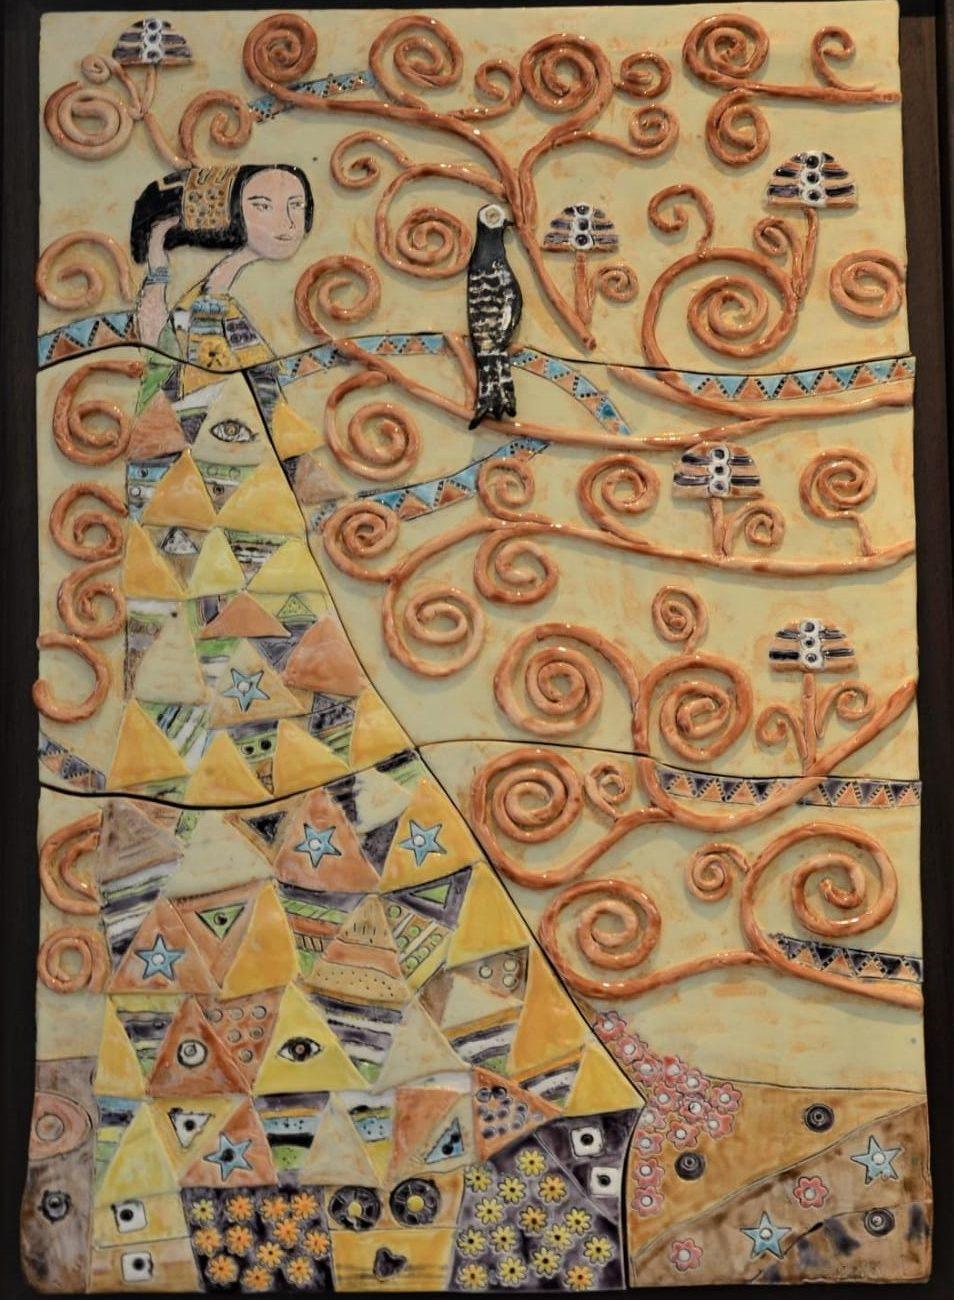 Gustave Klimt Hayat Ağacı Esinlenme Teknik:Beyaz Çamur Rölyef Tekniği , Sır Boyama Ölçü :60 x 40 cm  Fiyat :1500 TL